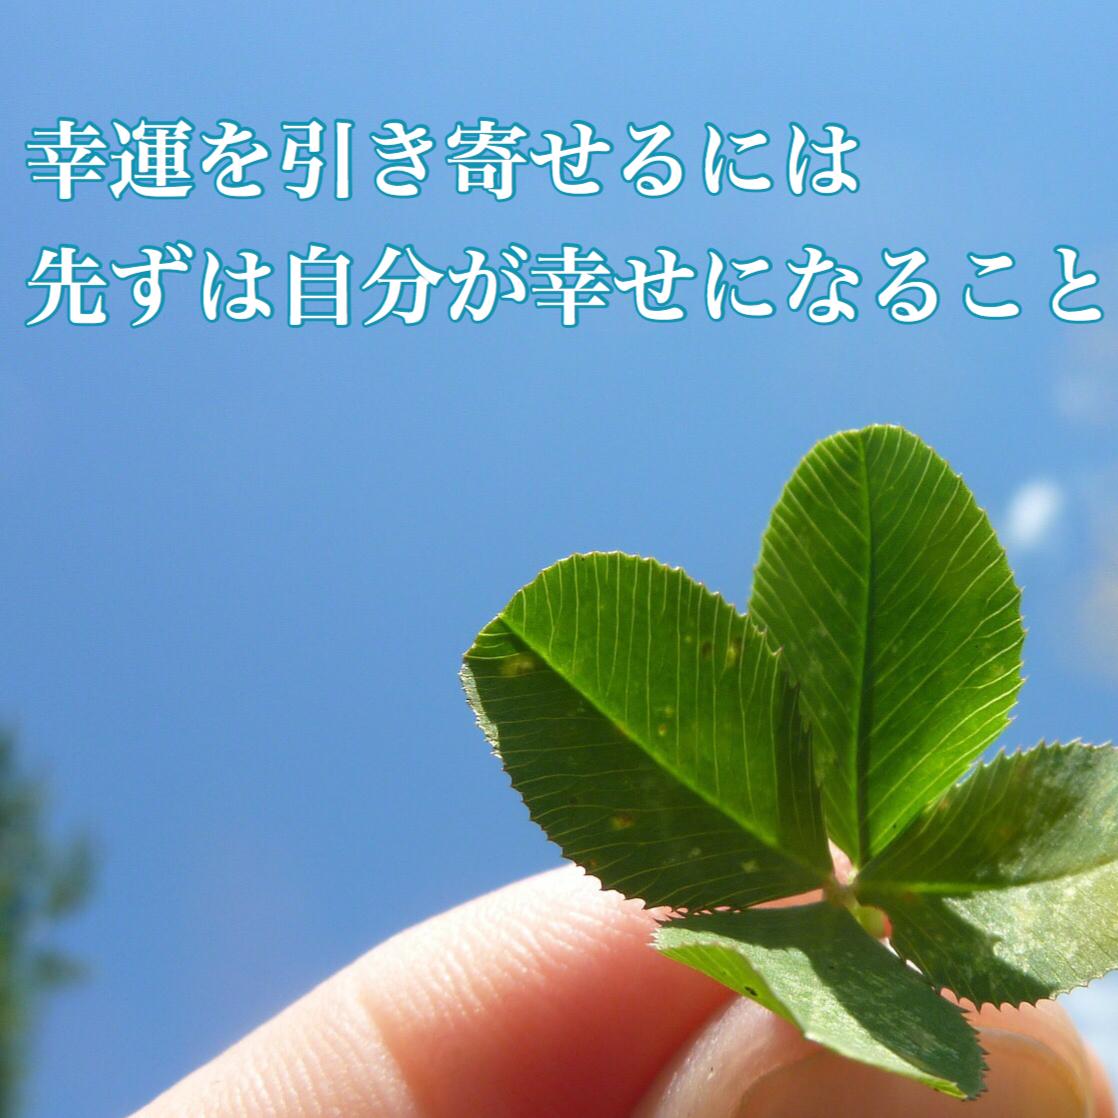 幸運を引き寄せるには先ずは自分が幸せになること